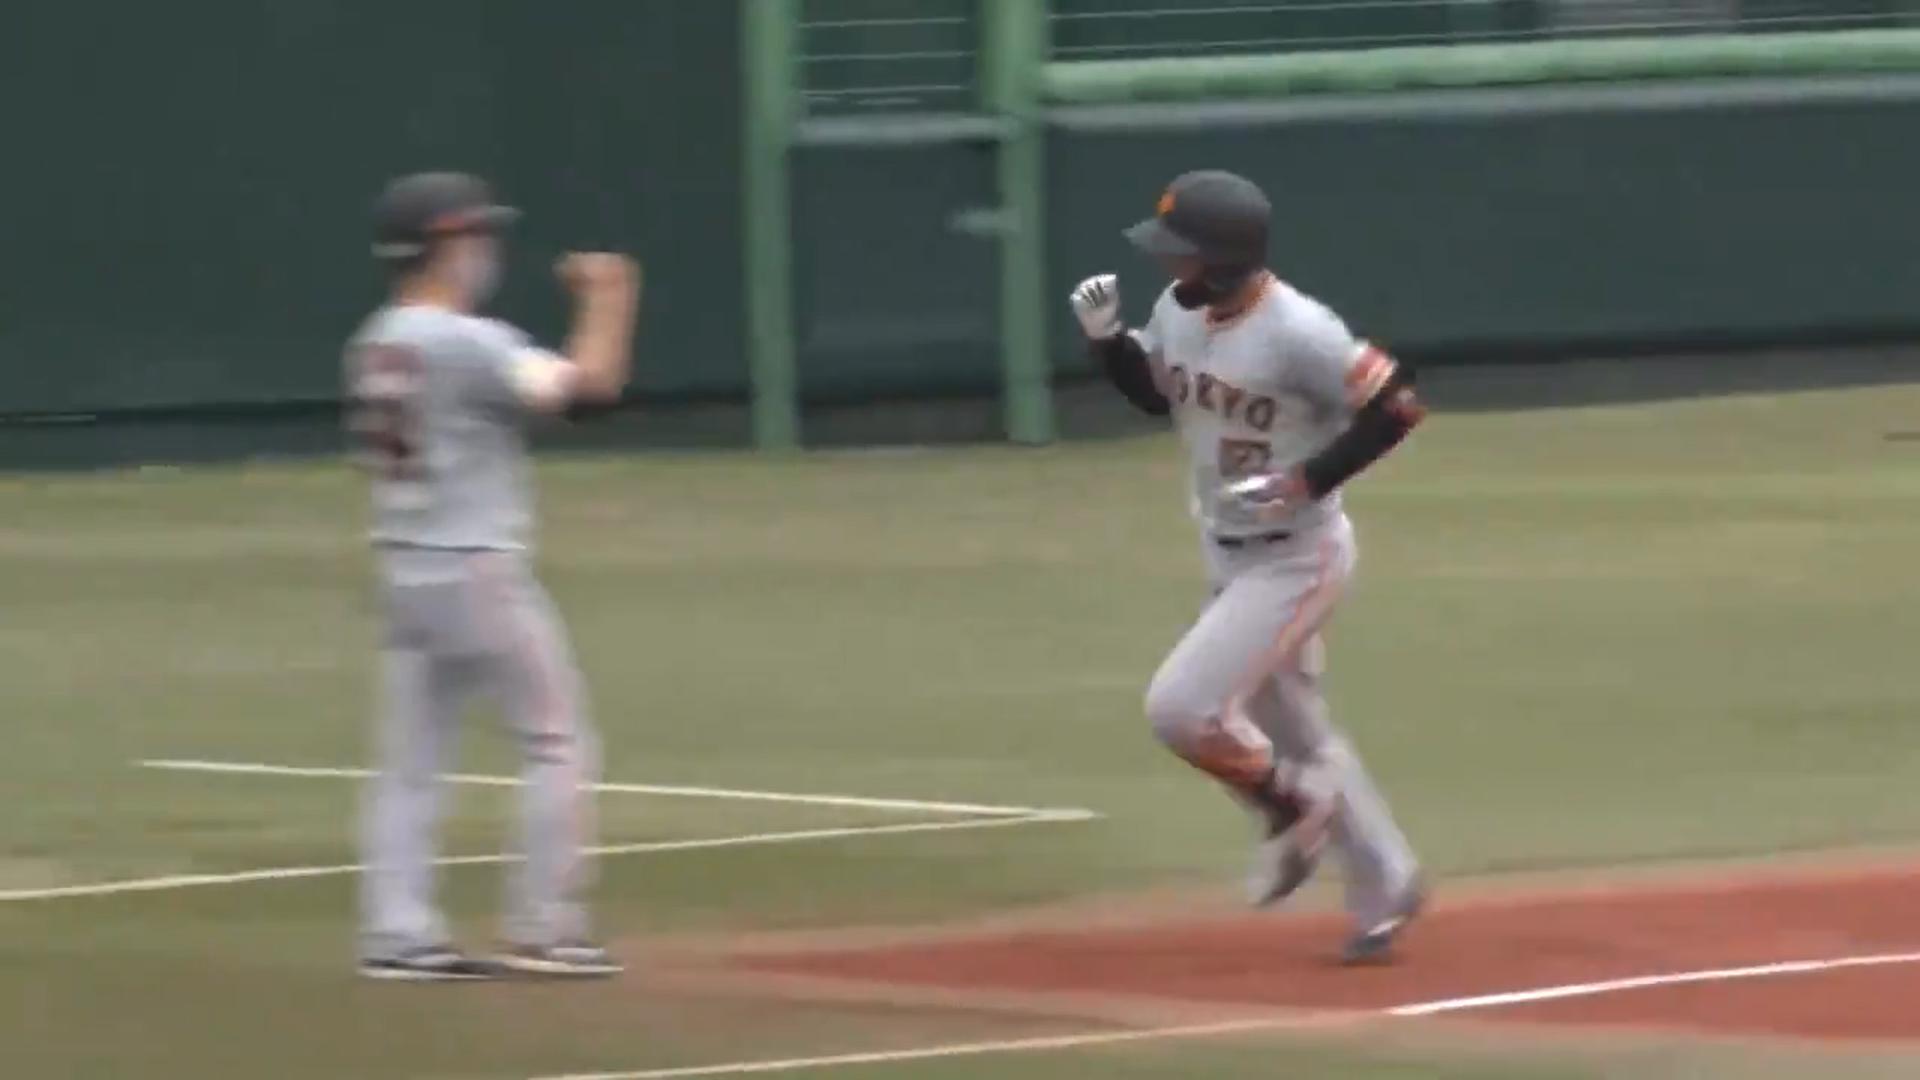 【イースタン・リーグ】育成ドラ2位ルーキー・喜多が公式戦初HR!